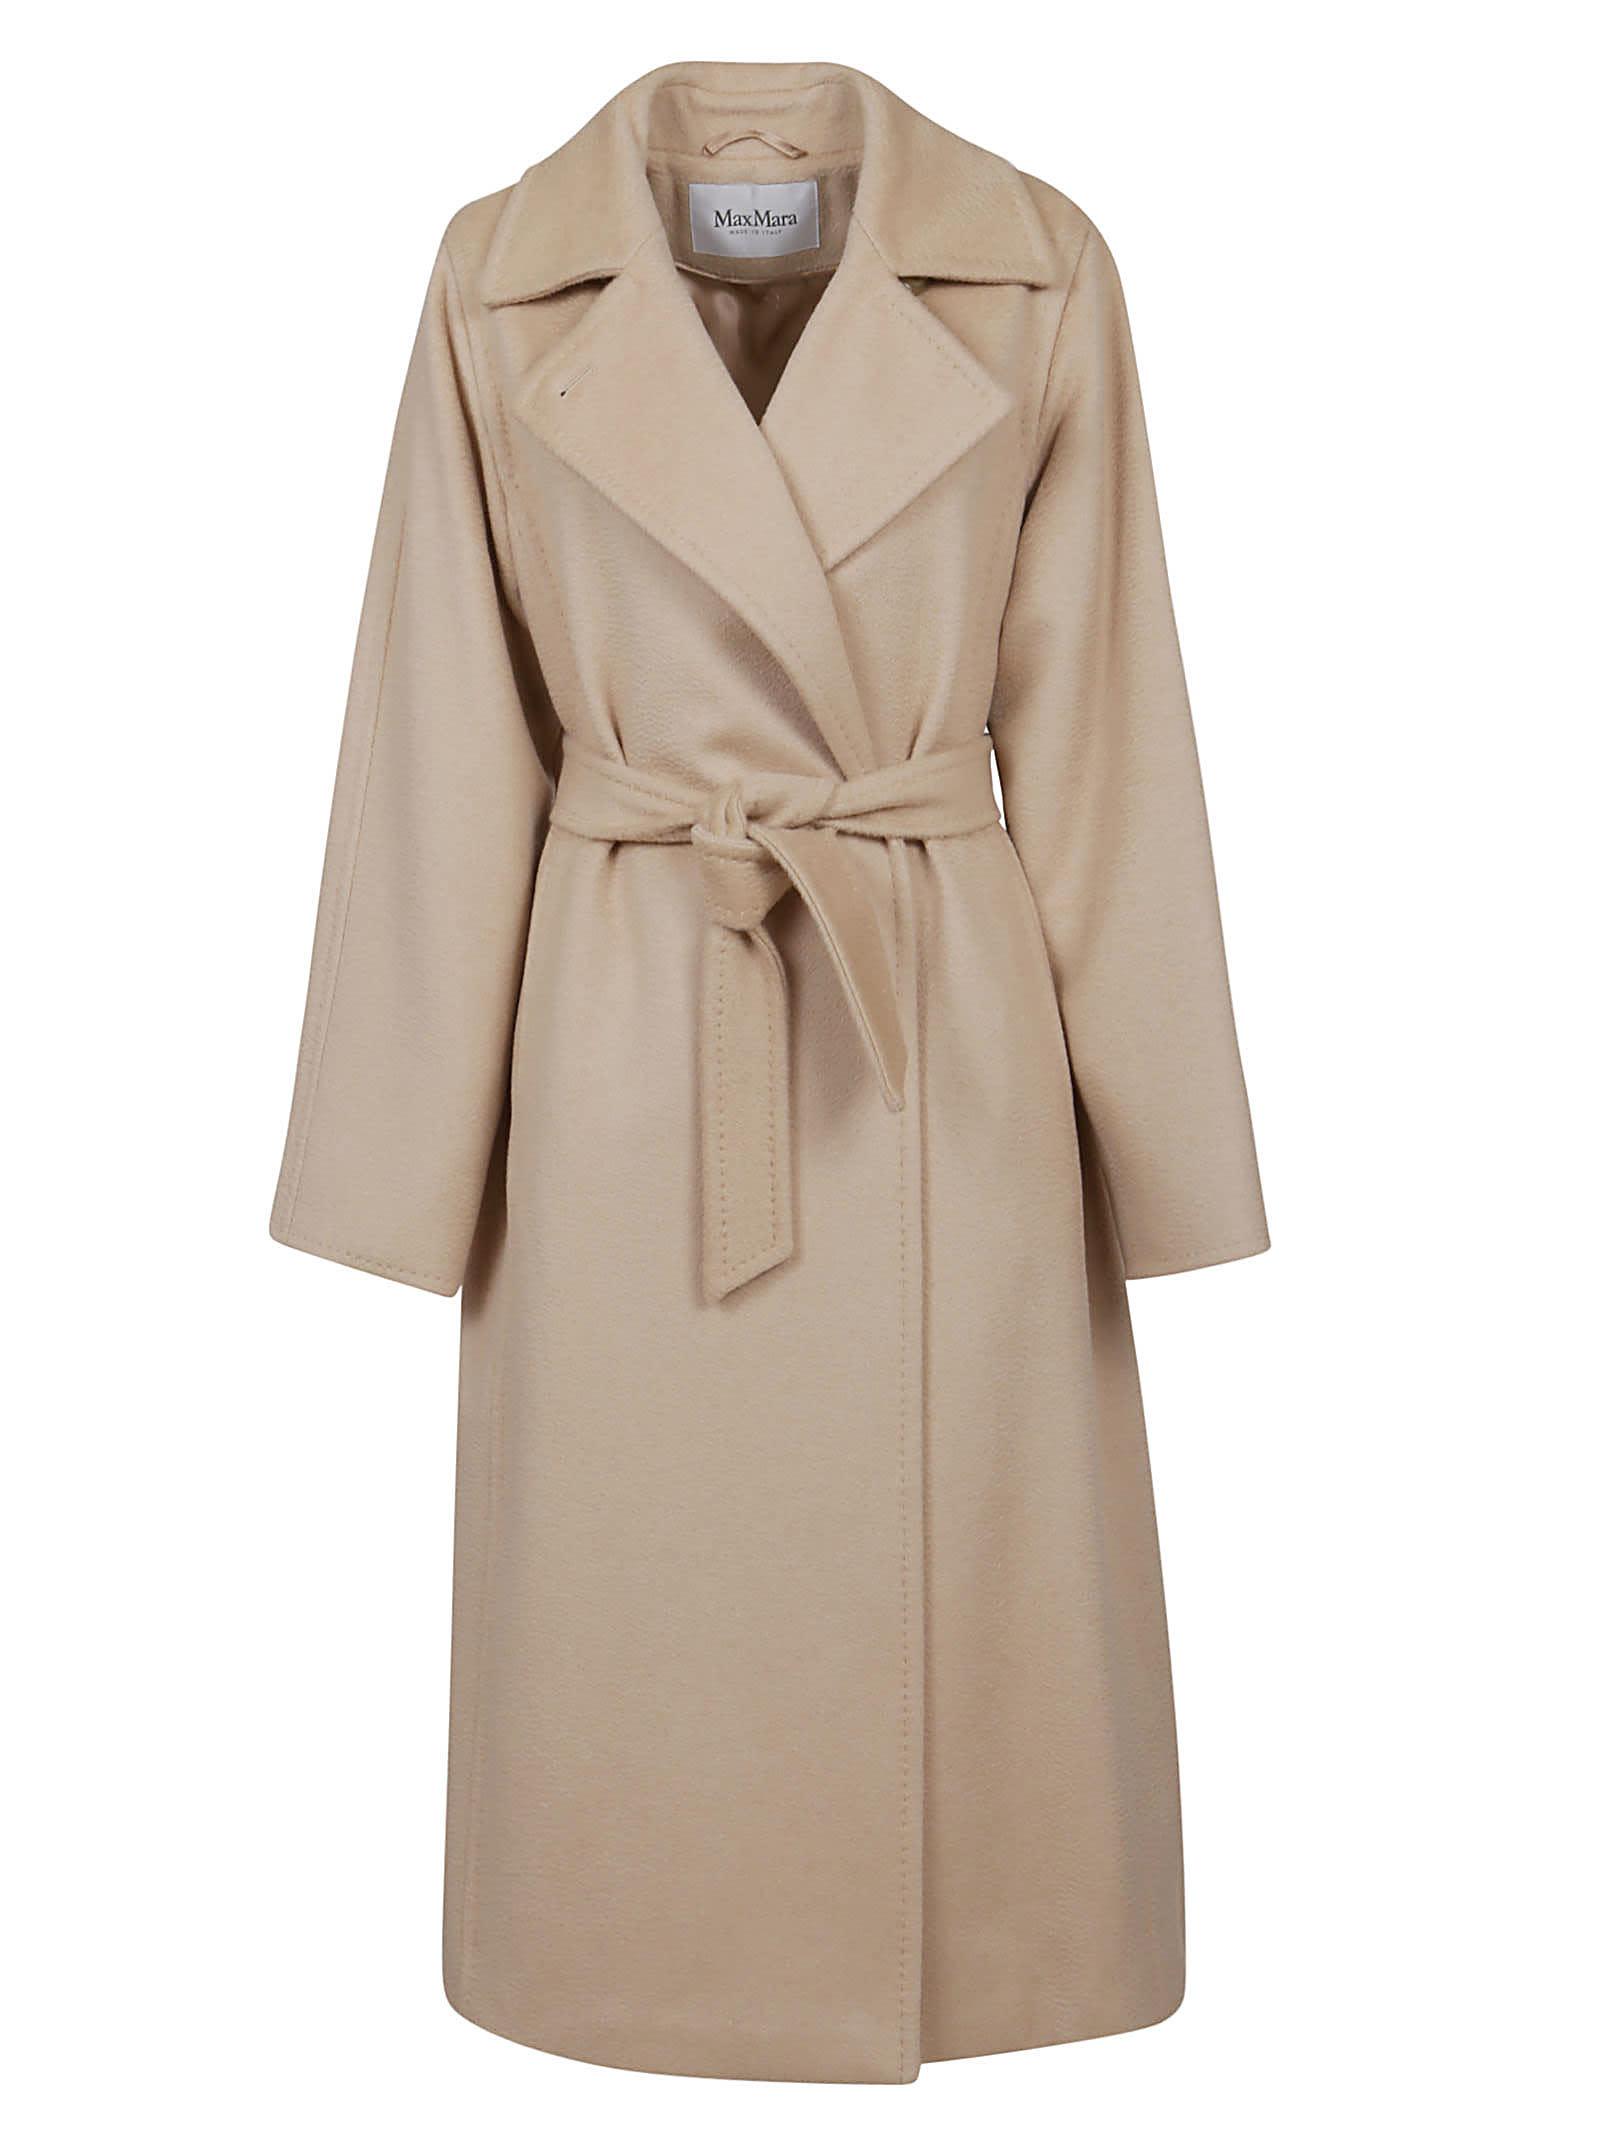 Max Mara Beige Camel Coat